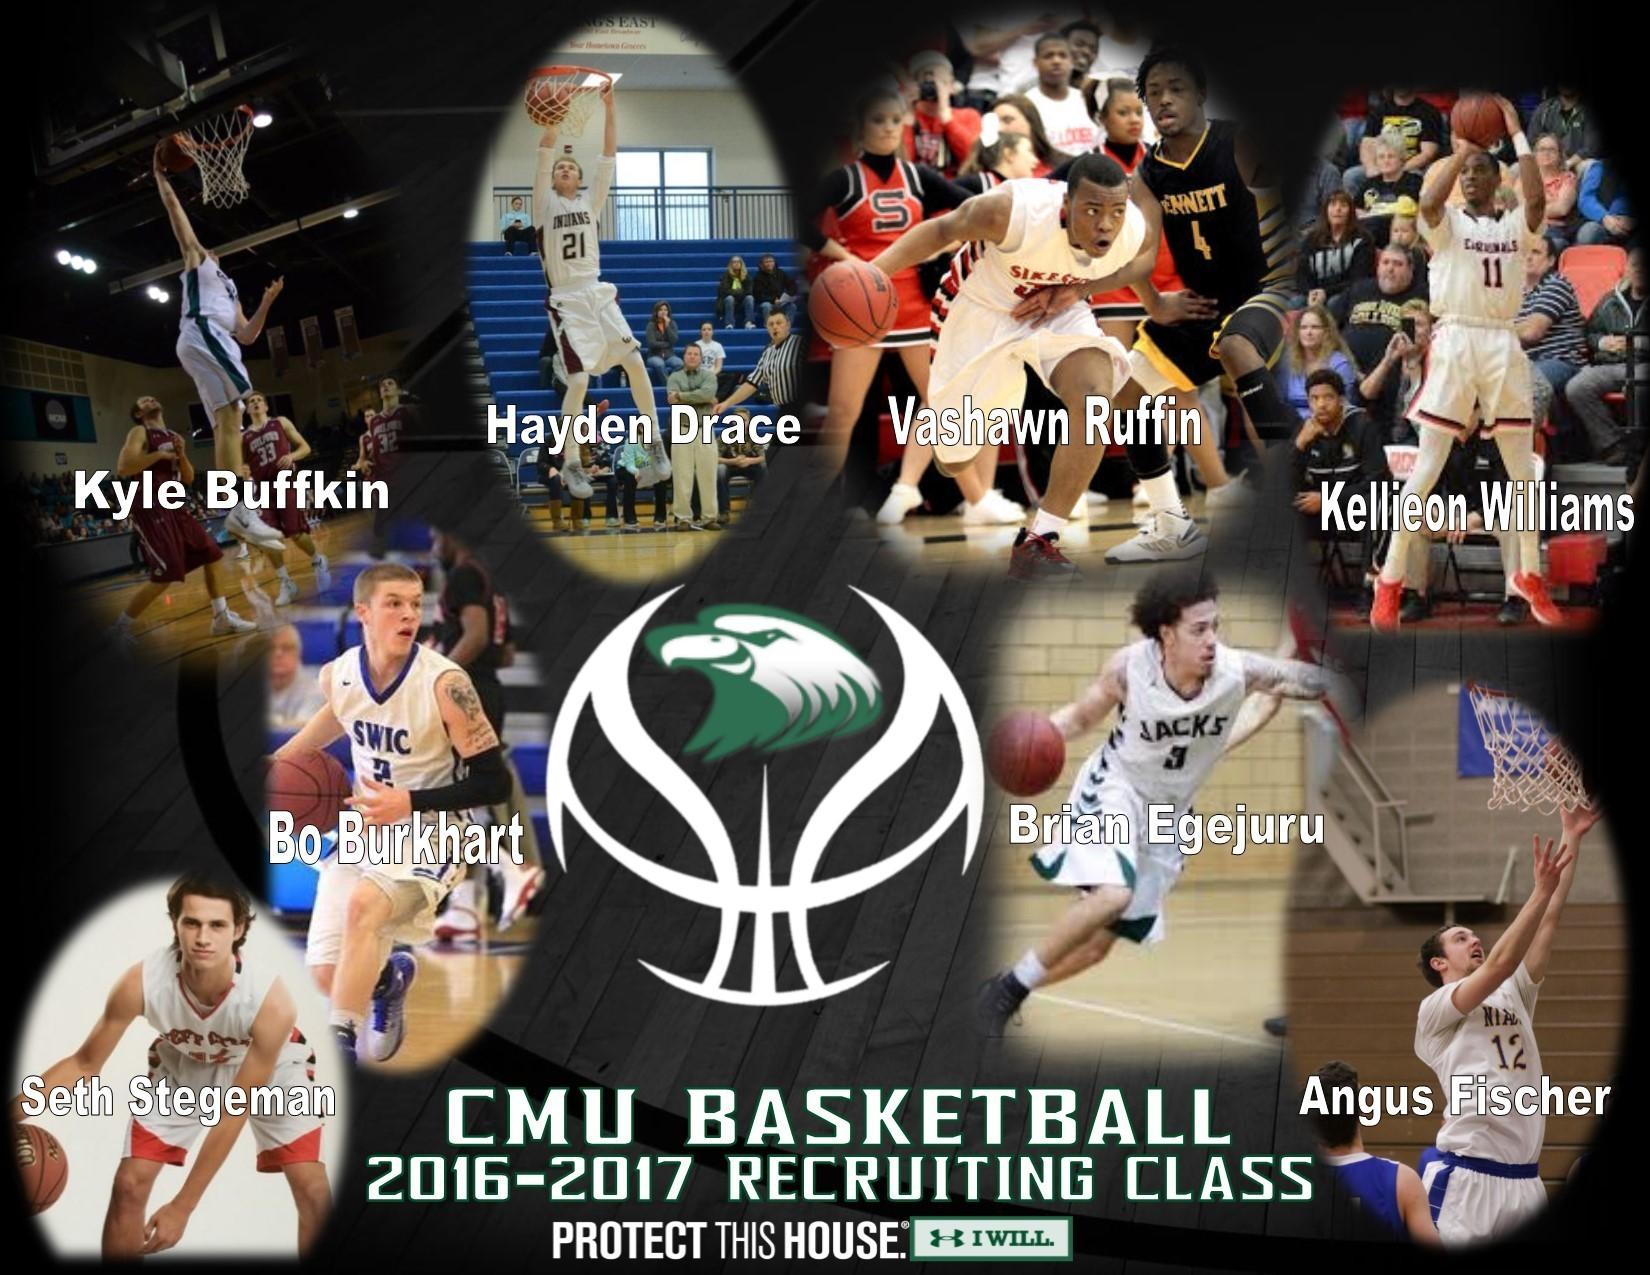 Mbb recruiting class